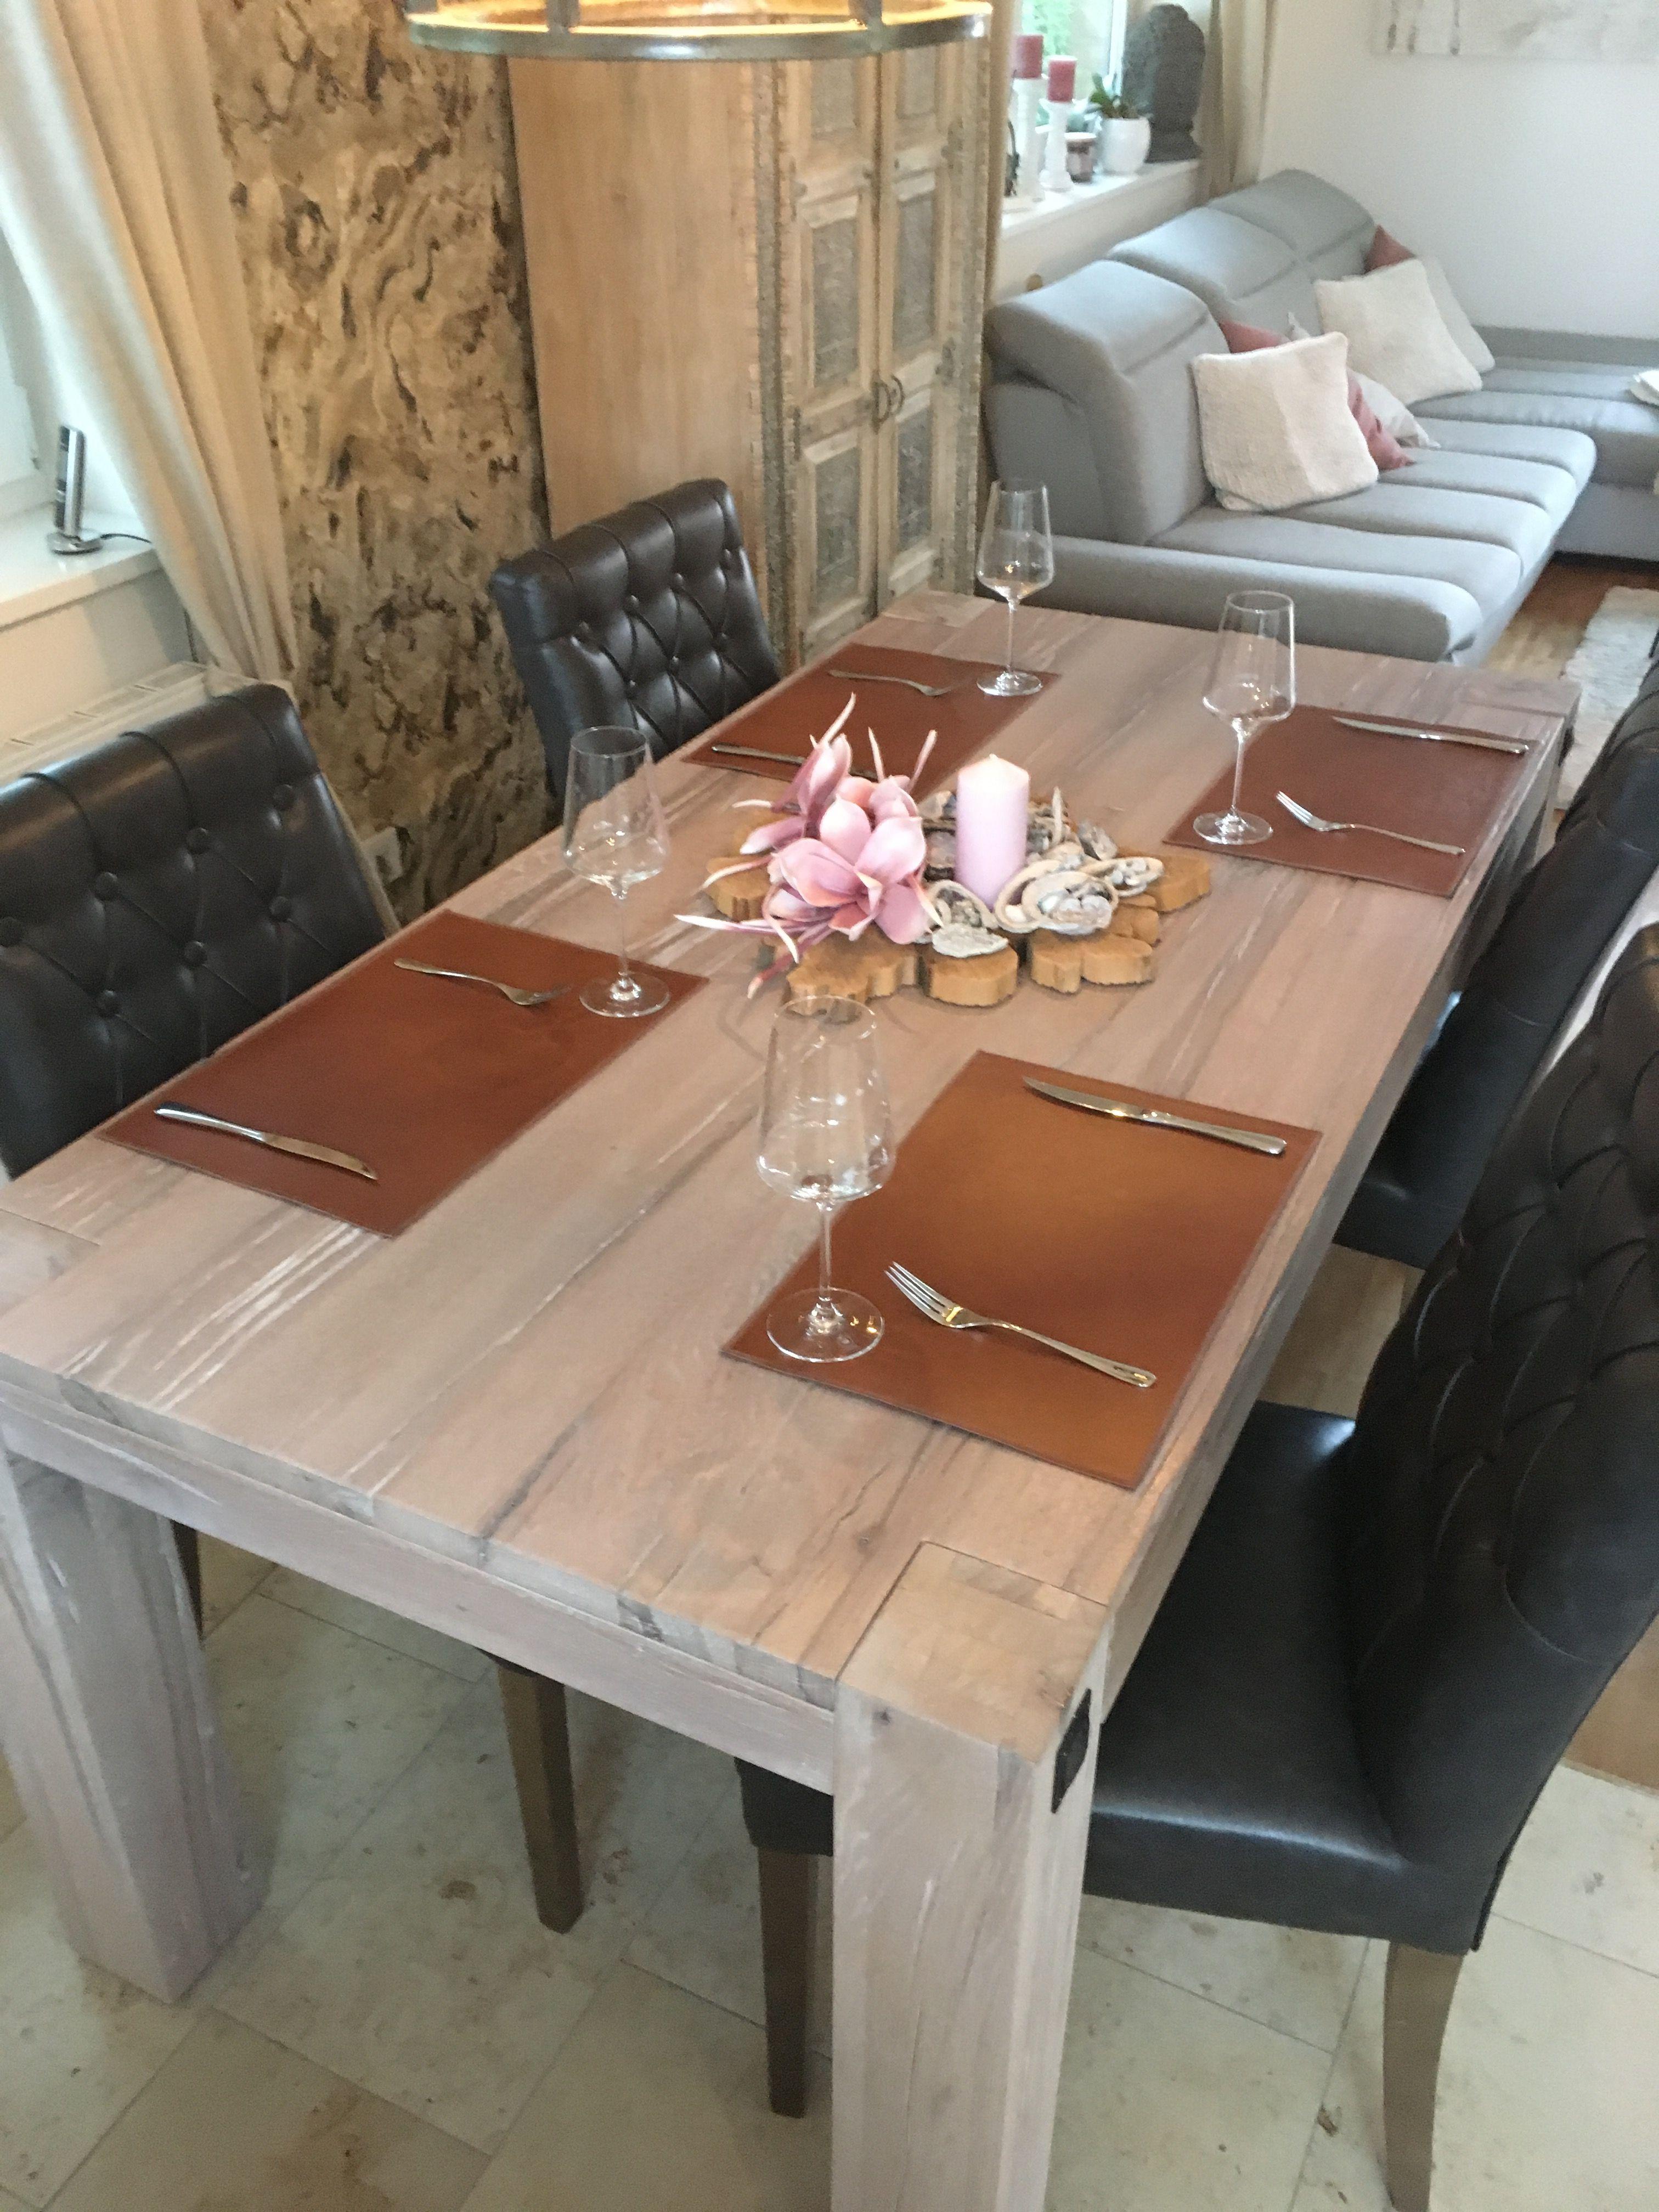 Unsere Edlen Einzigartigen Tischsets Sind Robust Und Qualitativ Sehr Hochwertig Verarbeitet Tischsets Homedecor Home Living S Tischset Home Decor Design